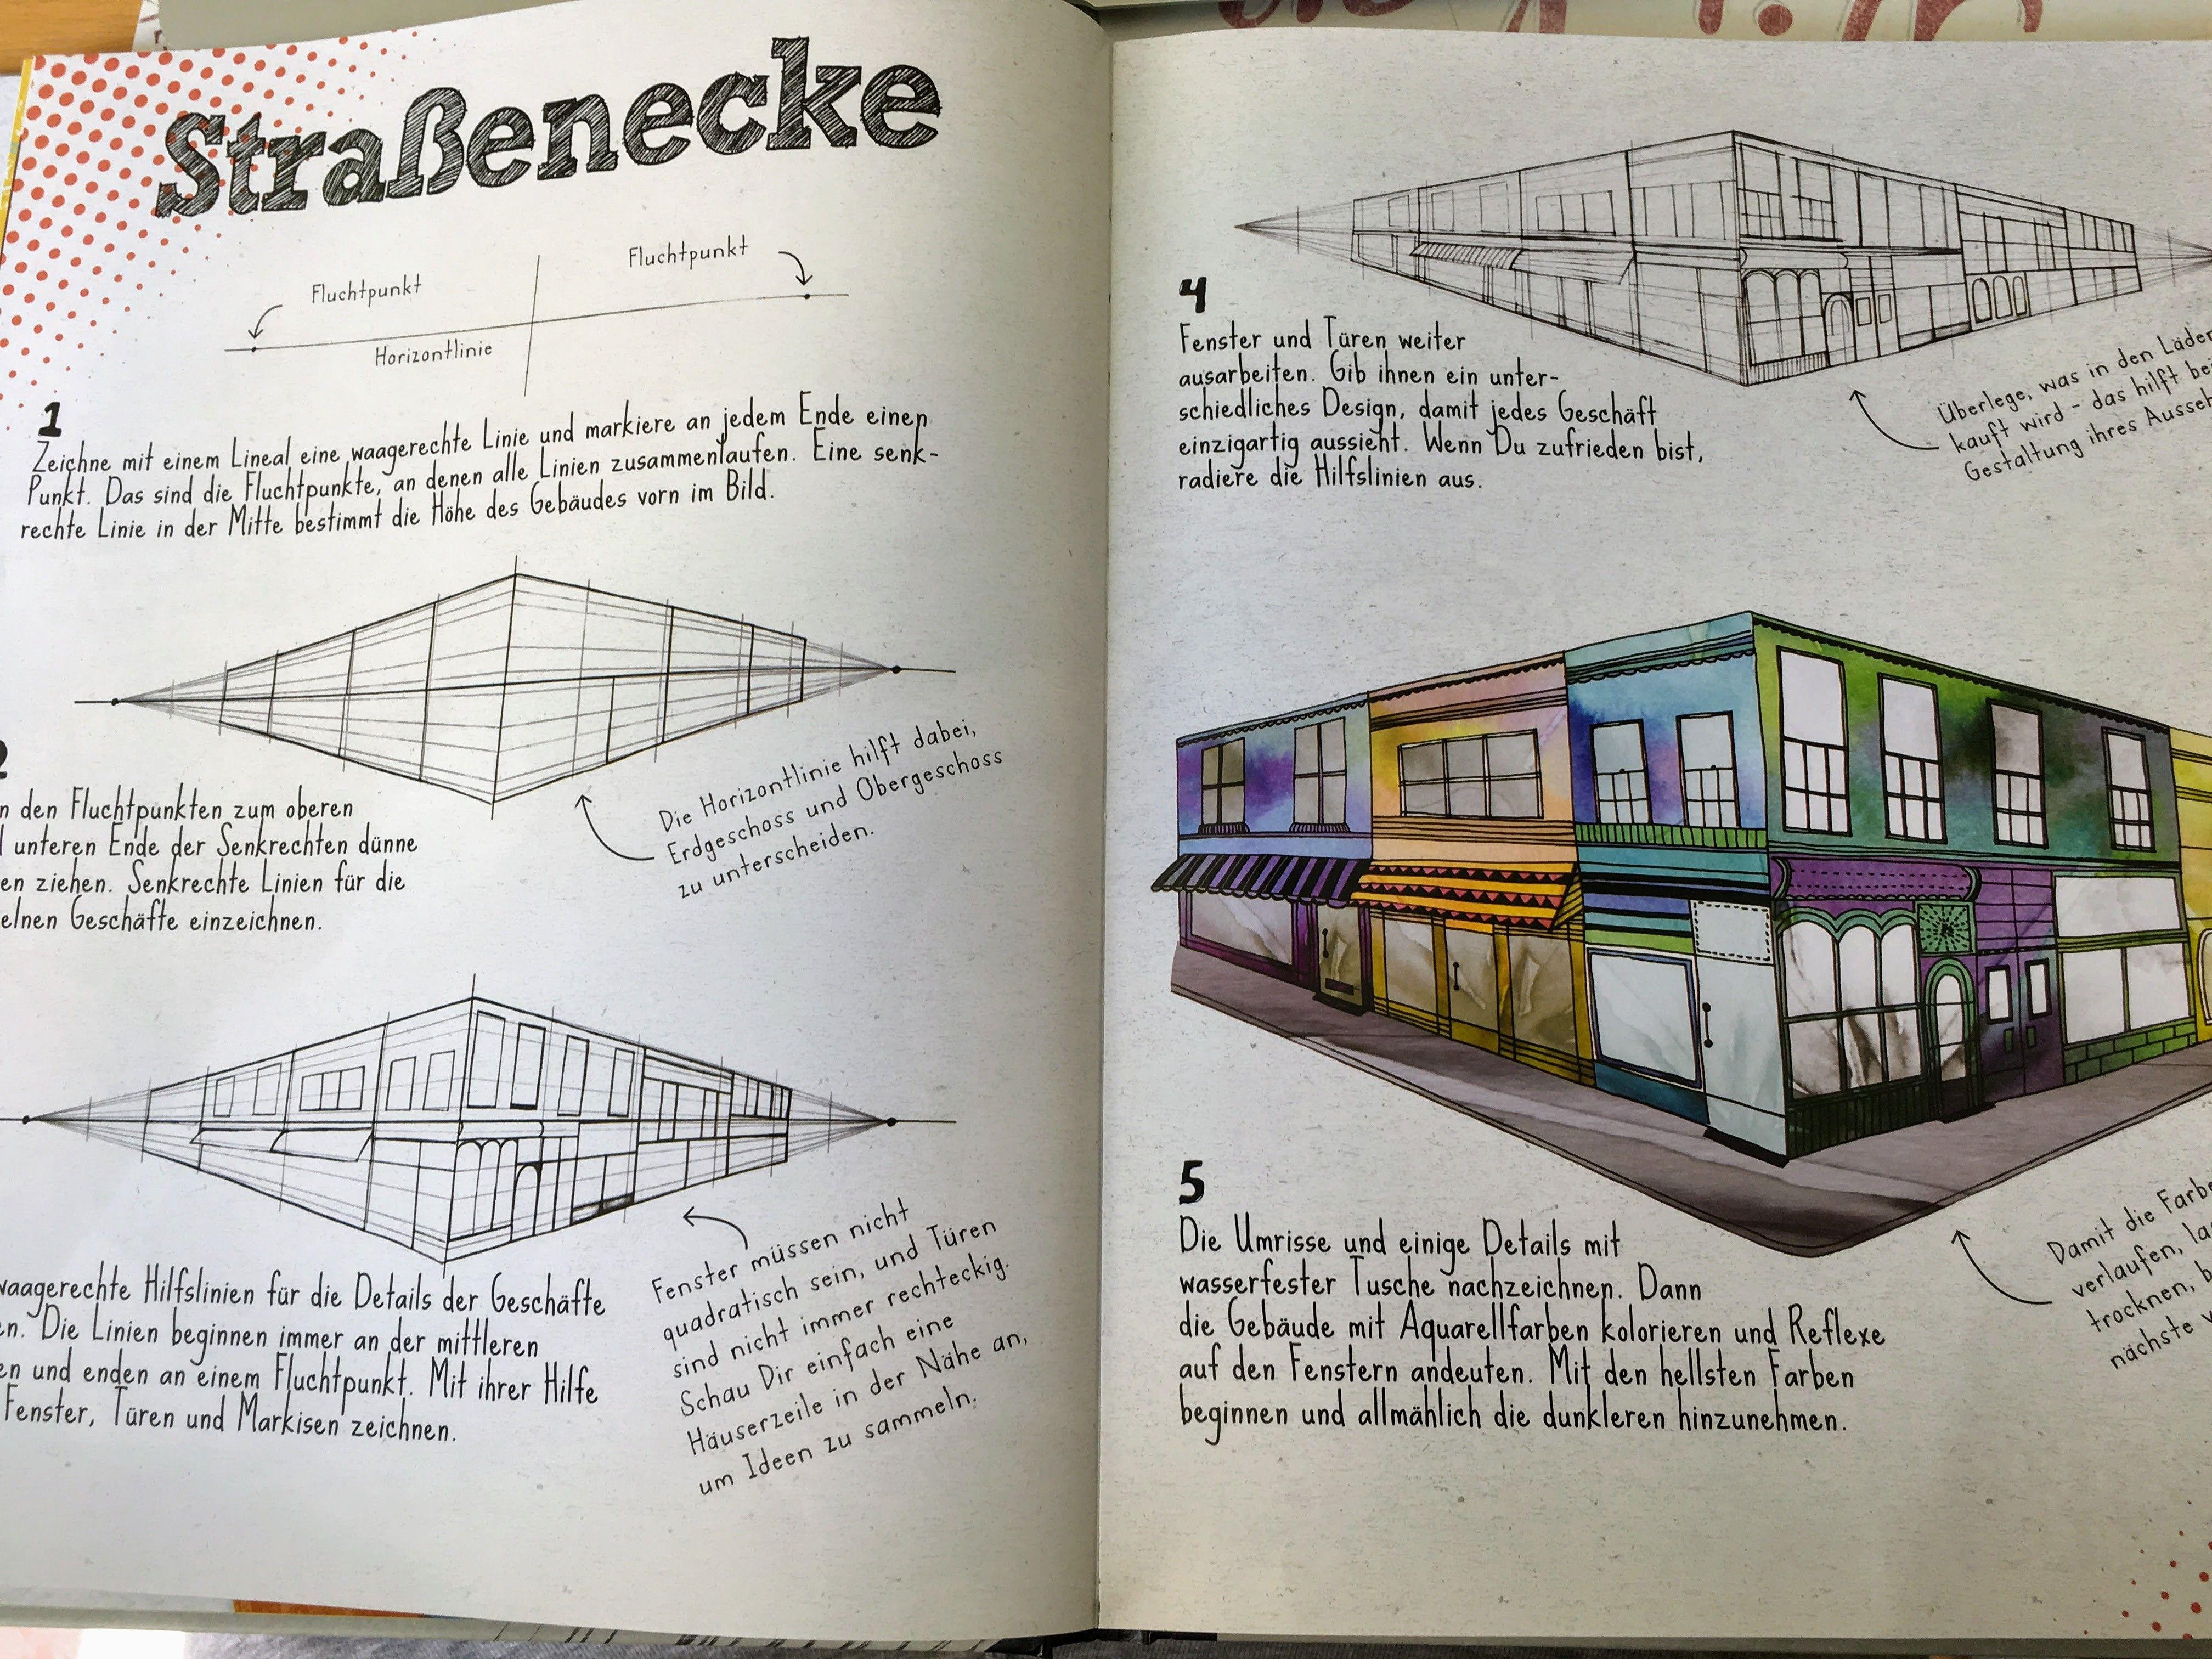 bildergebnis fr perspektive zeichnen kreise zeichnen bungen. Black Bedroom Furniture Sets. Home Design Ideas